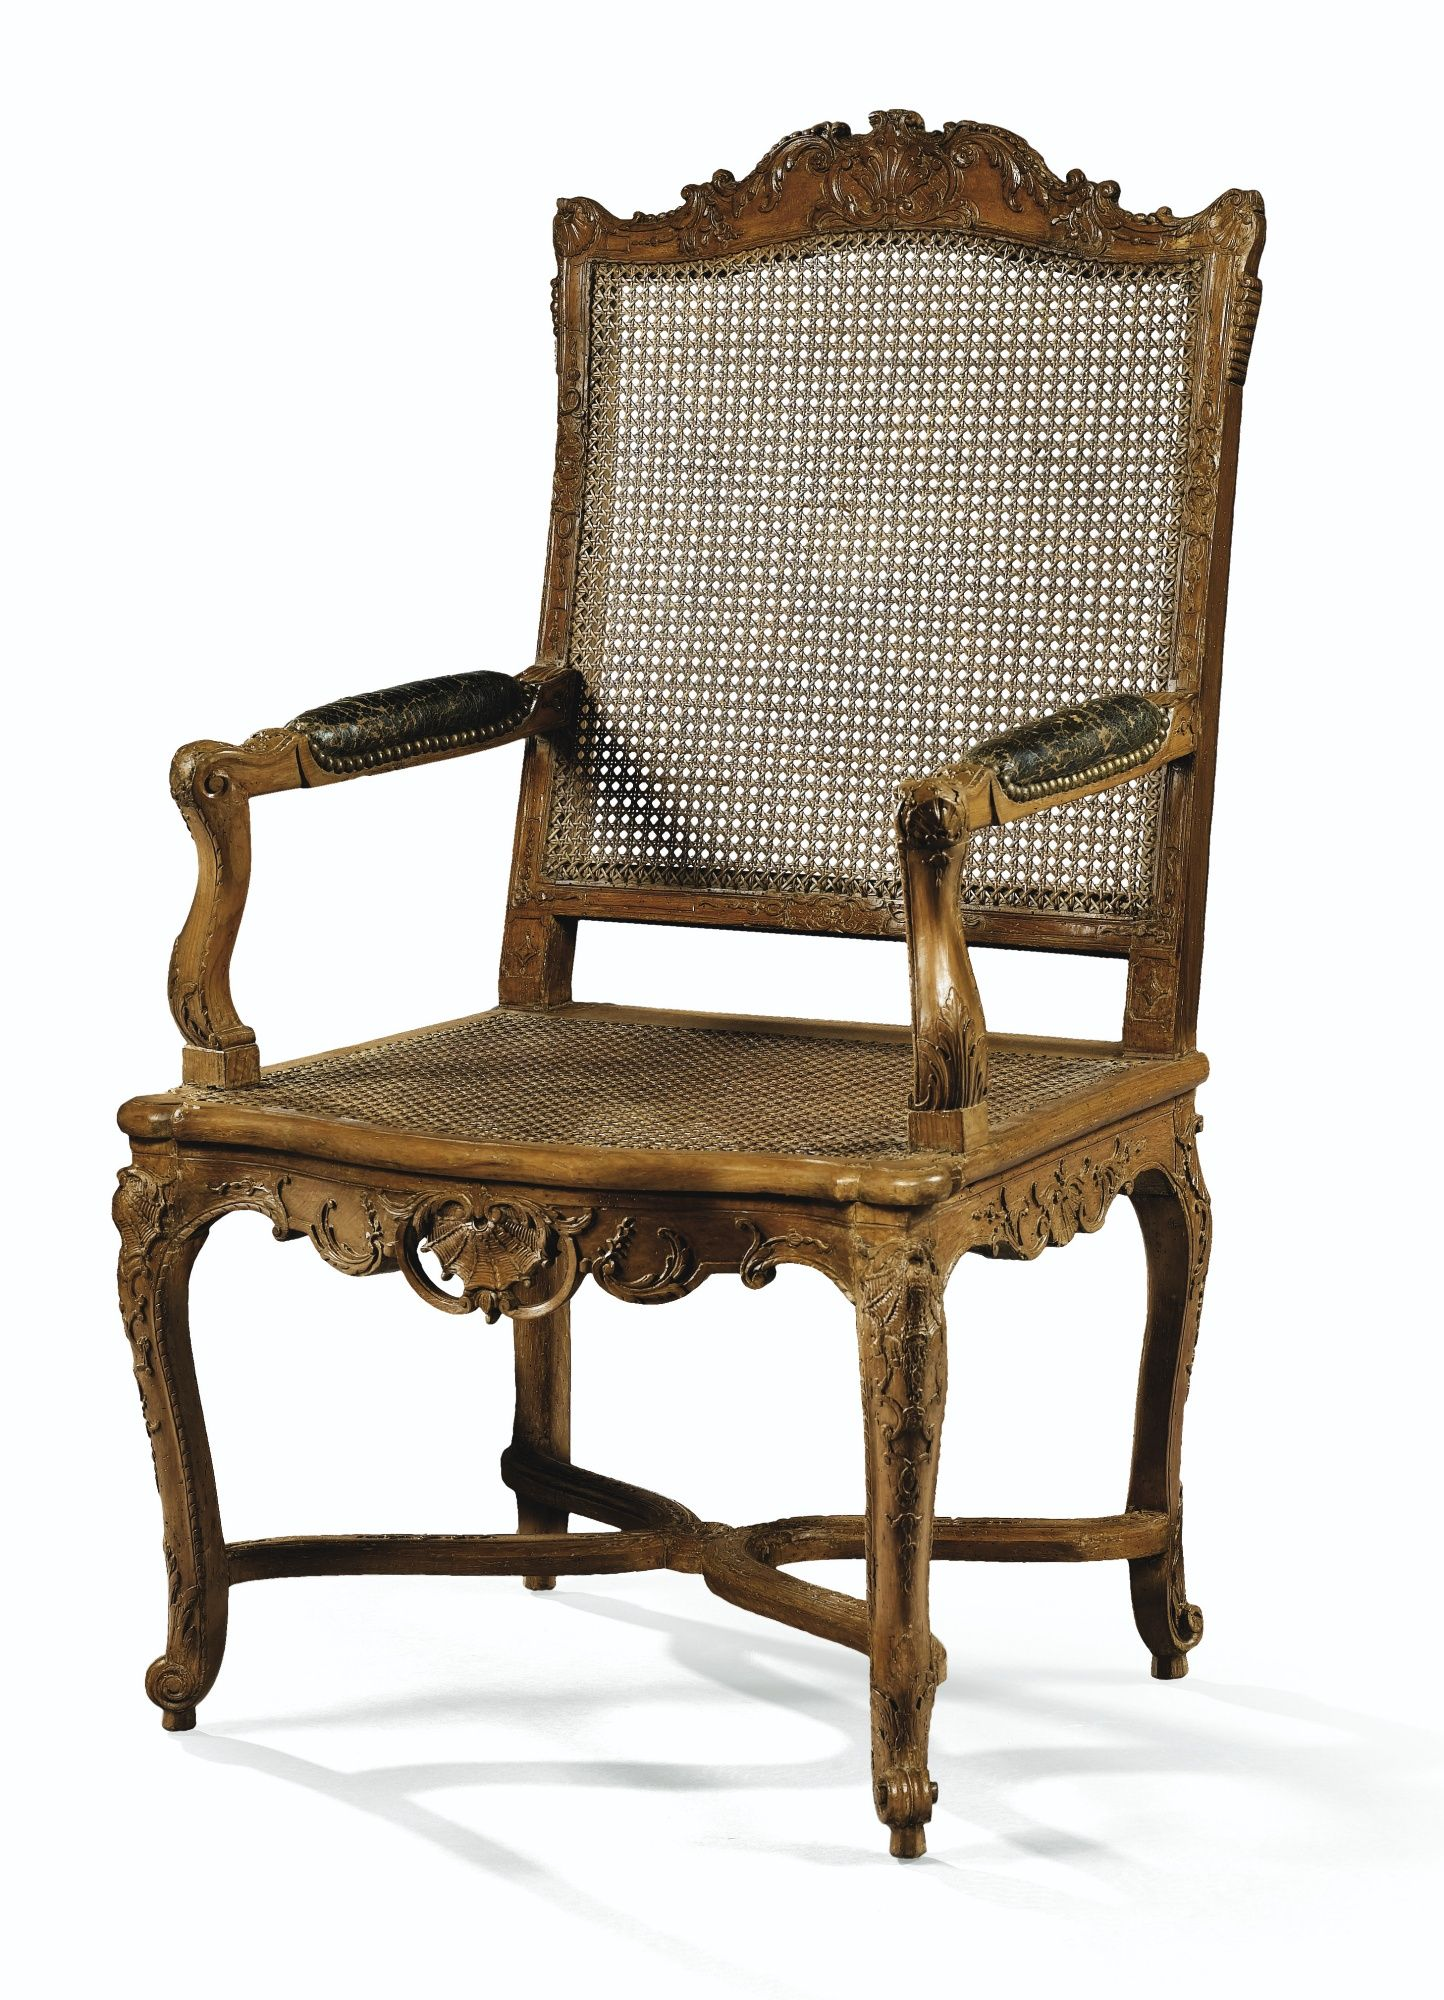 Fauteuil Canne A Haut Dossier En Hetre Naturel Sculpte D Epoque Regence Lot Sotheby S Chair Caned Armchair Comfy Chairs